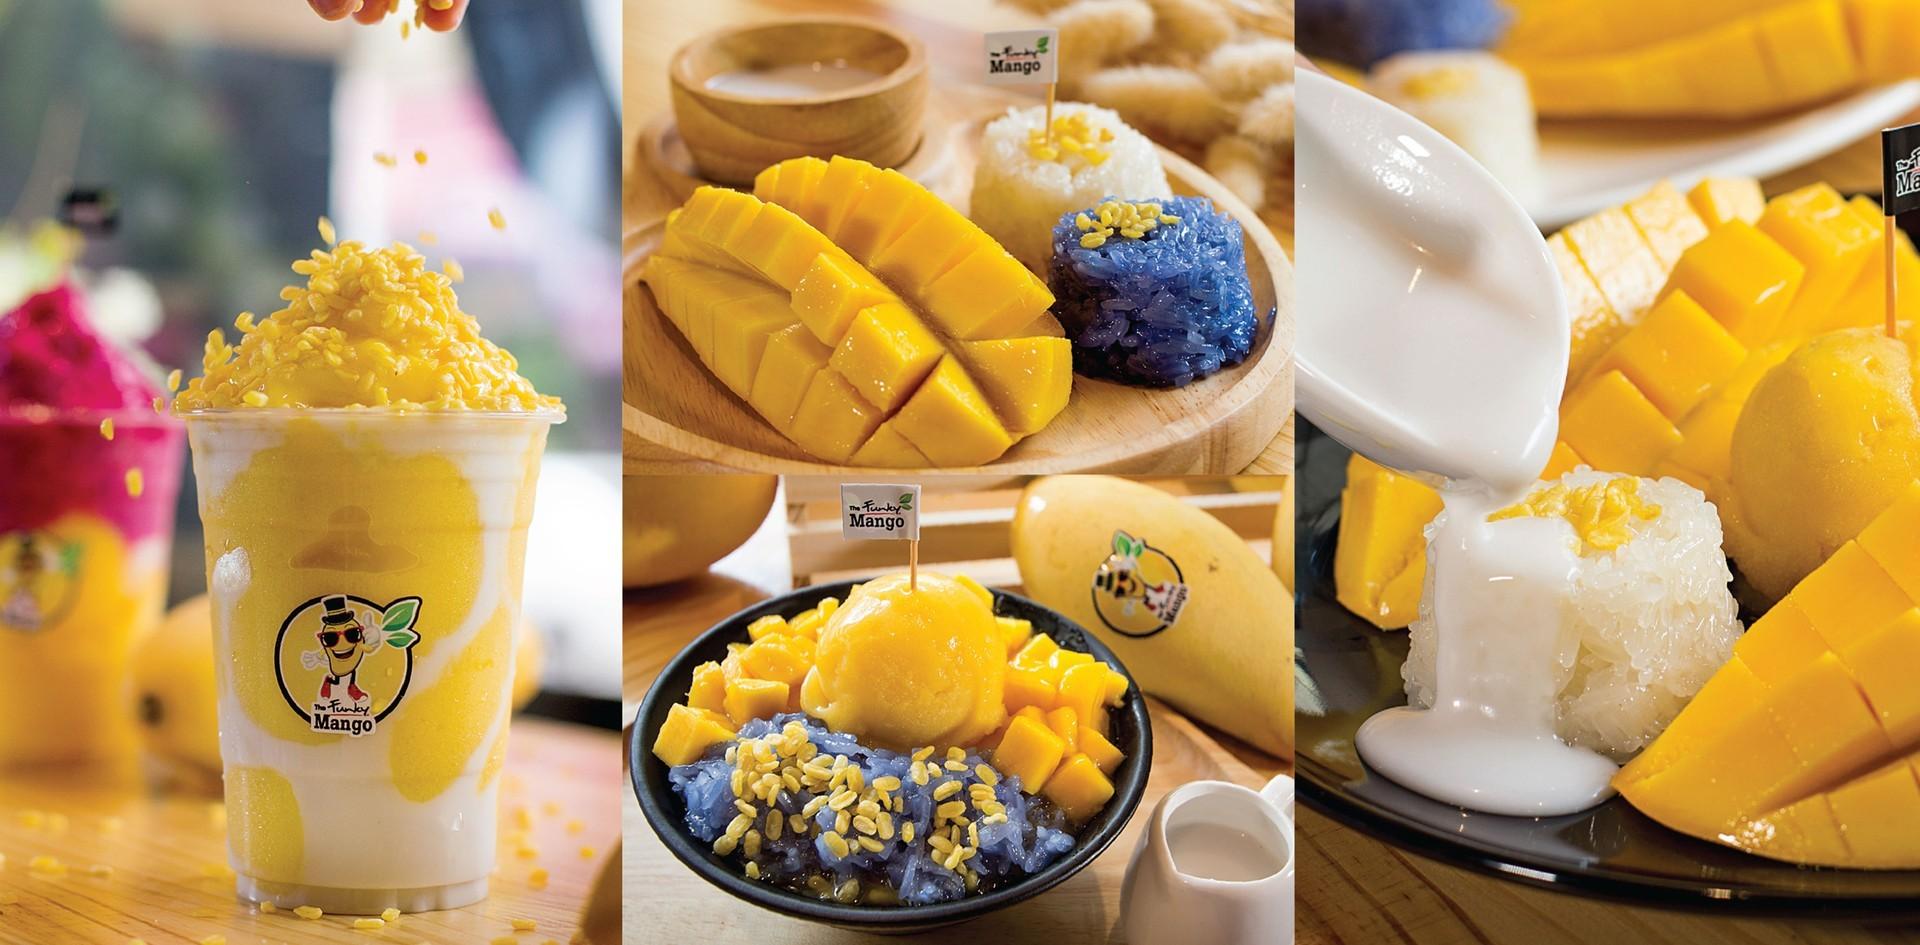 หวานฉ่ำใจ กับ 5 เมนูข้าวเหนียวมะม่วง 'The Funky Mango' หาดใหญ่